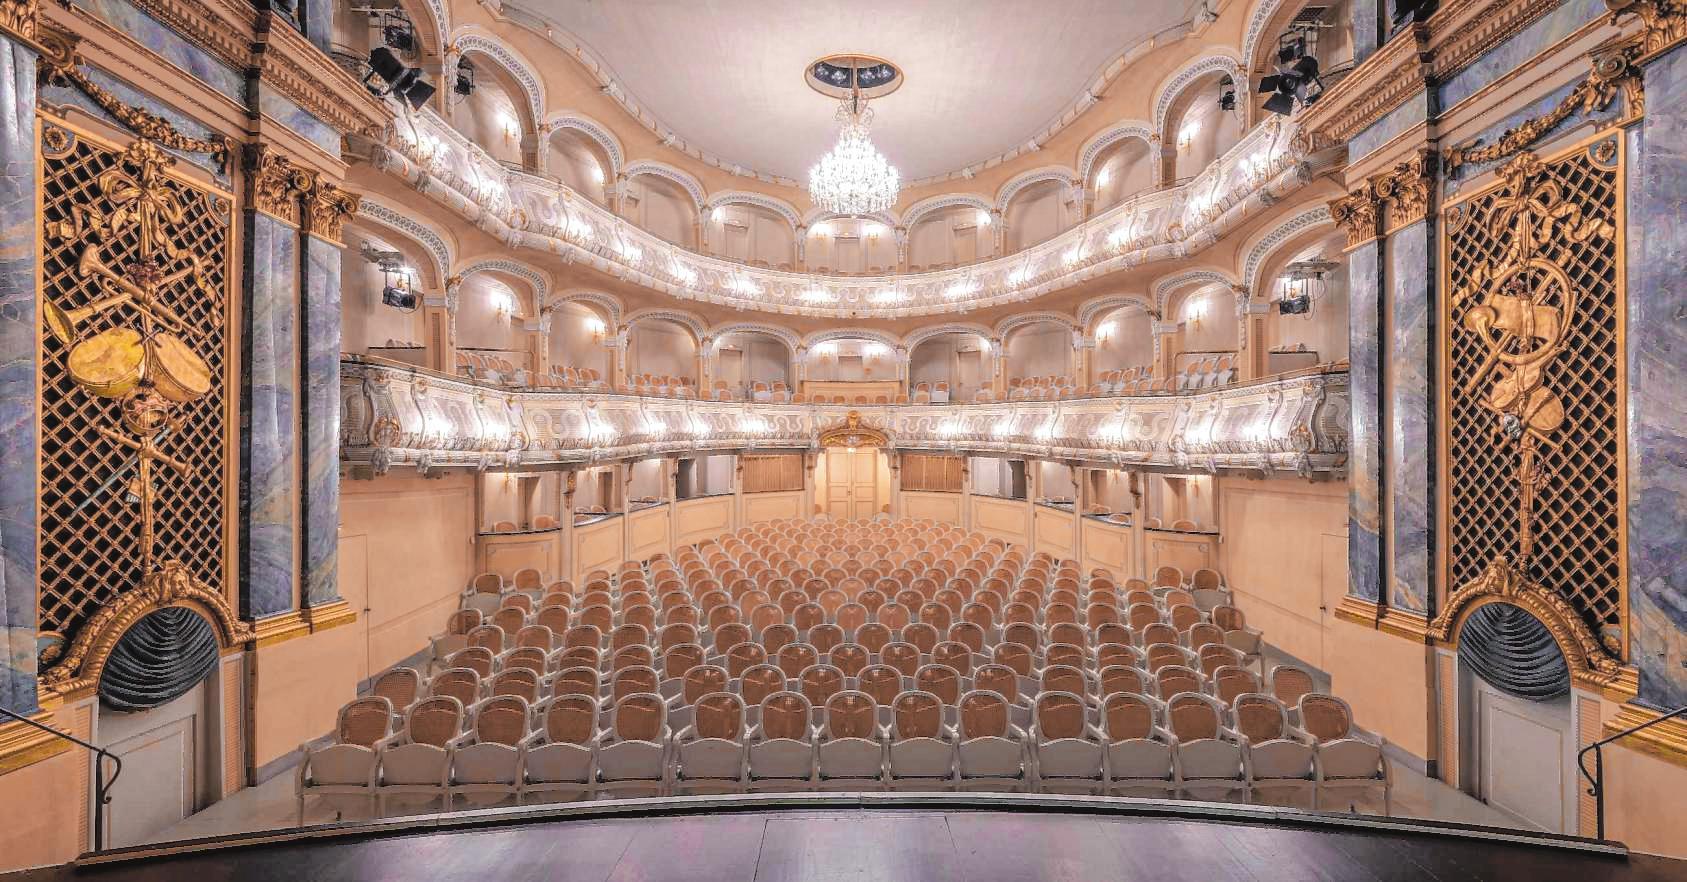 Zwar nicht in vollem Umfang, aber dennoch mit einem beachtlichen Programm finden im Oktober unter anderem im Rokokotheater die Schwetzinger SWR-Festspiele statt. BILD: SCHWERDT